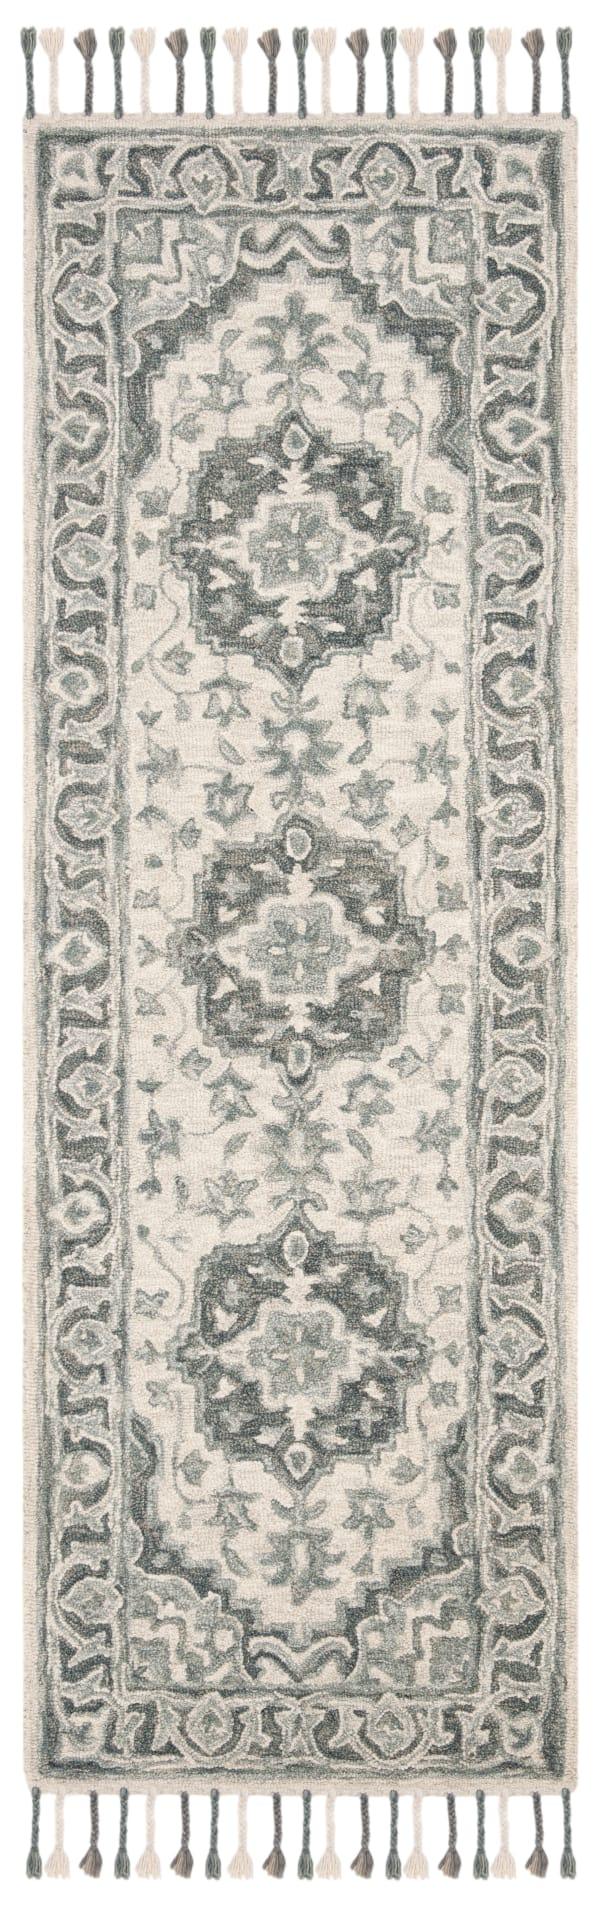 Vail Gray & Light Gray Wool Rug